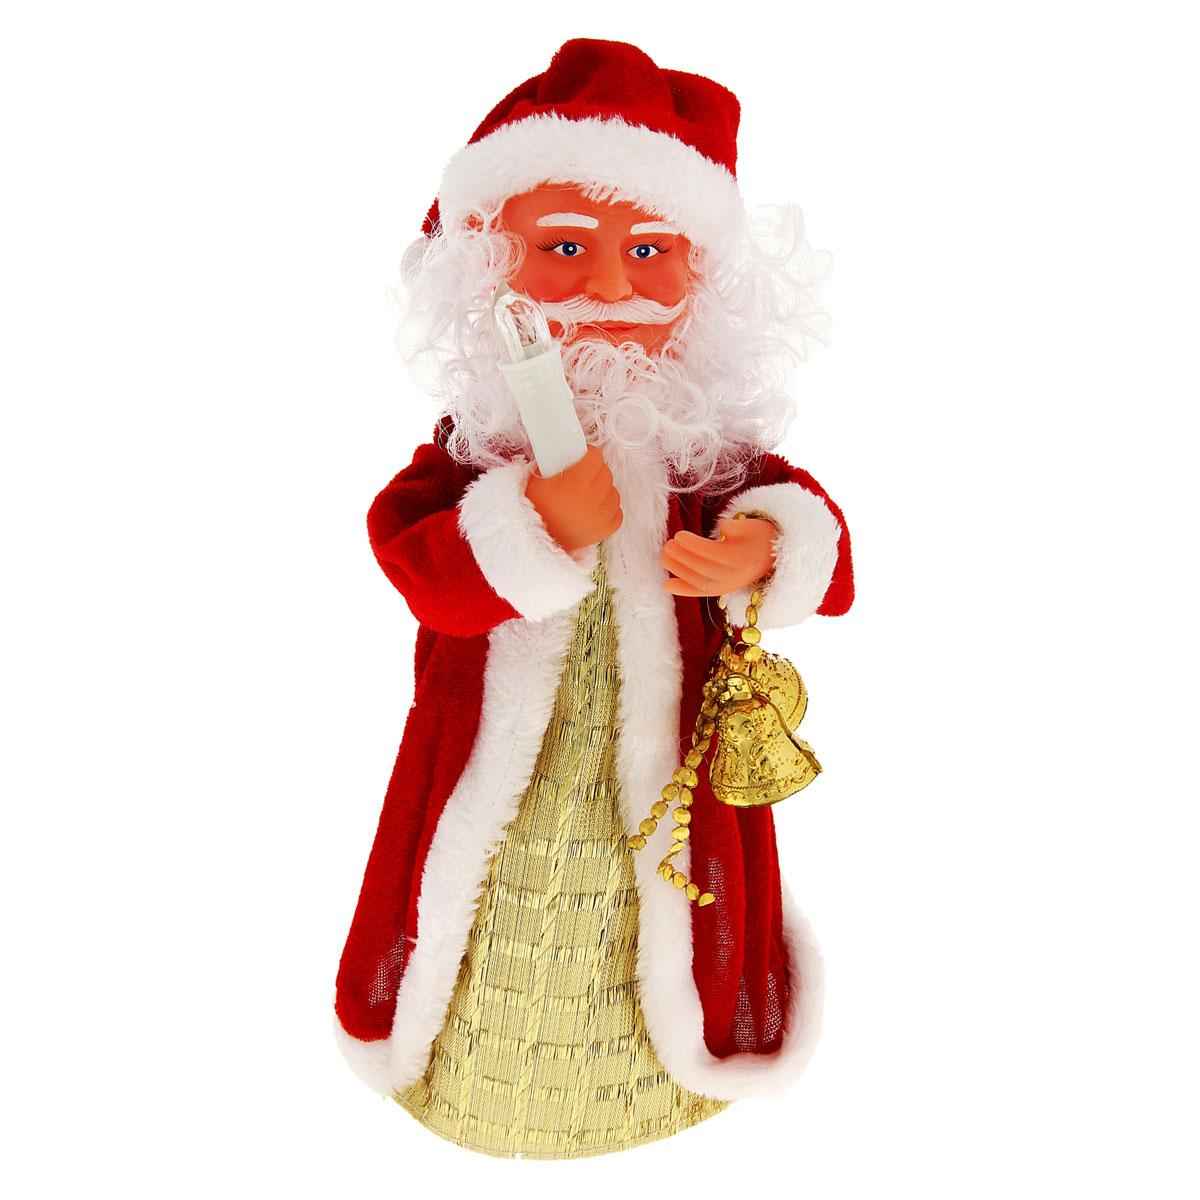 Новогодняя декоративная фигурка Sima-land Дед Мороз, анимированная, высота 28 см. 827832827832Новогодняя декоративная фигурка выполнена из высококачественного пластика в виде Деда Мороза. Дед Мороз одет в шубу с опушкой. На голове колпак в цвет шубы. В одной руке Дед Мороз держит свечку, а в другой колокольчики. Особенностью фигурки является наличие механизма, при включении которого играет мелодия, свечка светится, а кукла начинает крутиться вокруг своей оси, шевеля руками и головой. Его добрый вид и очаровательная улыбка притягивают к себе восторженные взгляды. Декоративная фигурка Дед Мороз подойдет для оформления новогоднего интерьера и принесет с собой атмосферу радости и веселья. УВАЖАЕМЫЕ КЛИЕНТЫ!Обращаем ваше внимание на тот факт, что декоративная фигурка работает от трех батареек типа АА/R6/UM-3 напряжением 1,5V. Батарейки в комплект не входят.